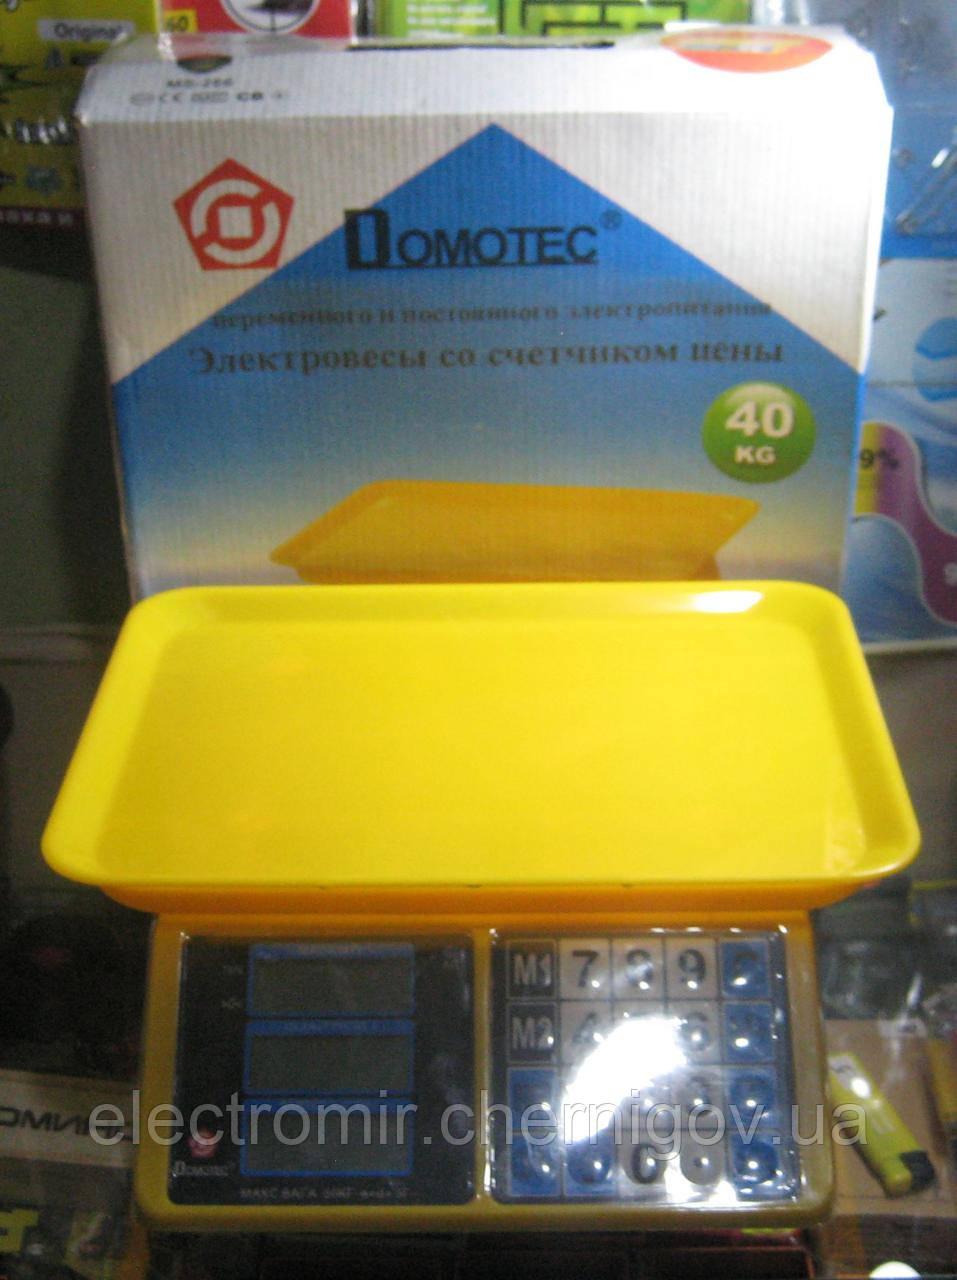 Весы торговые Domotec MS-266 (до 40 кг)